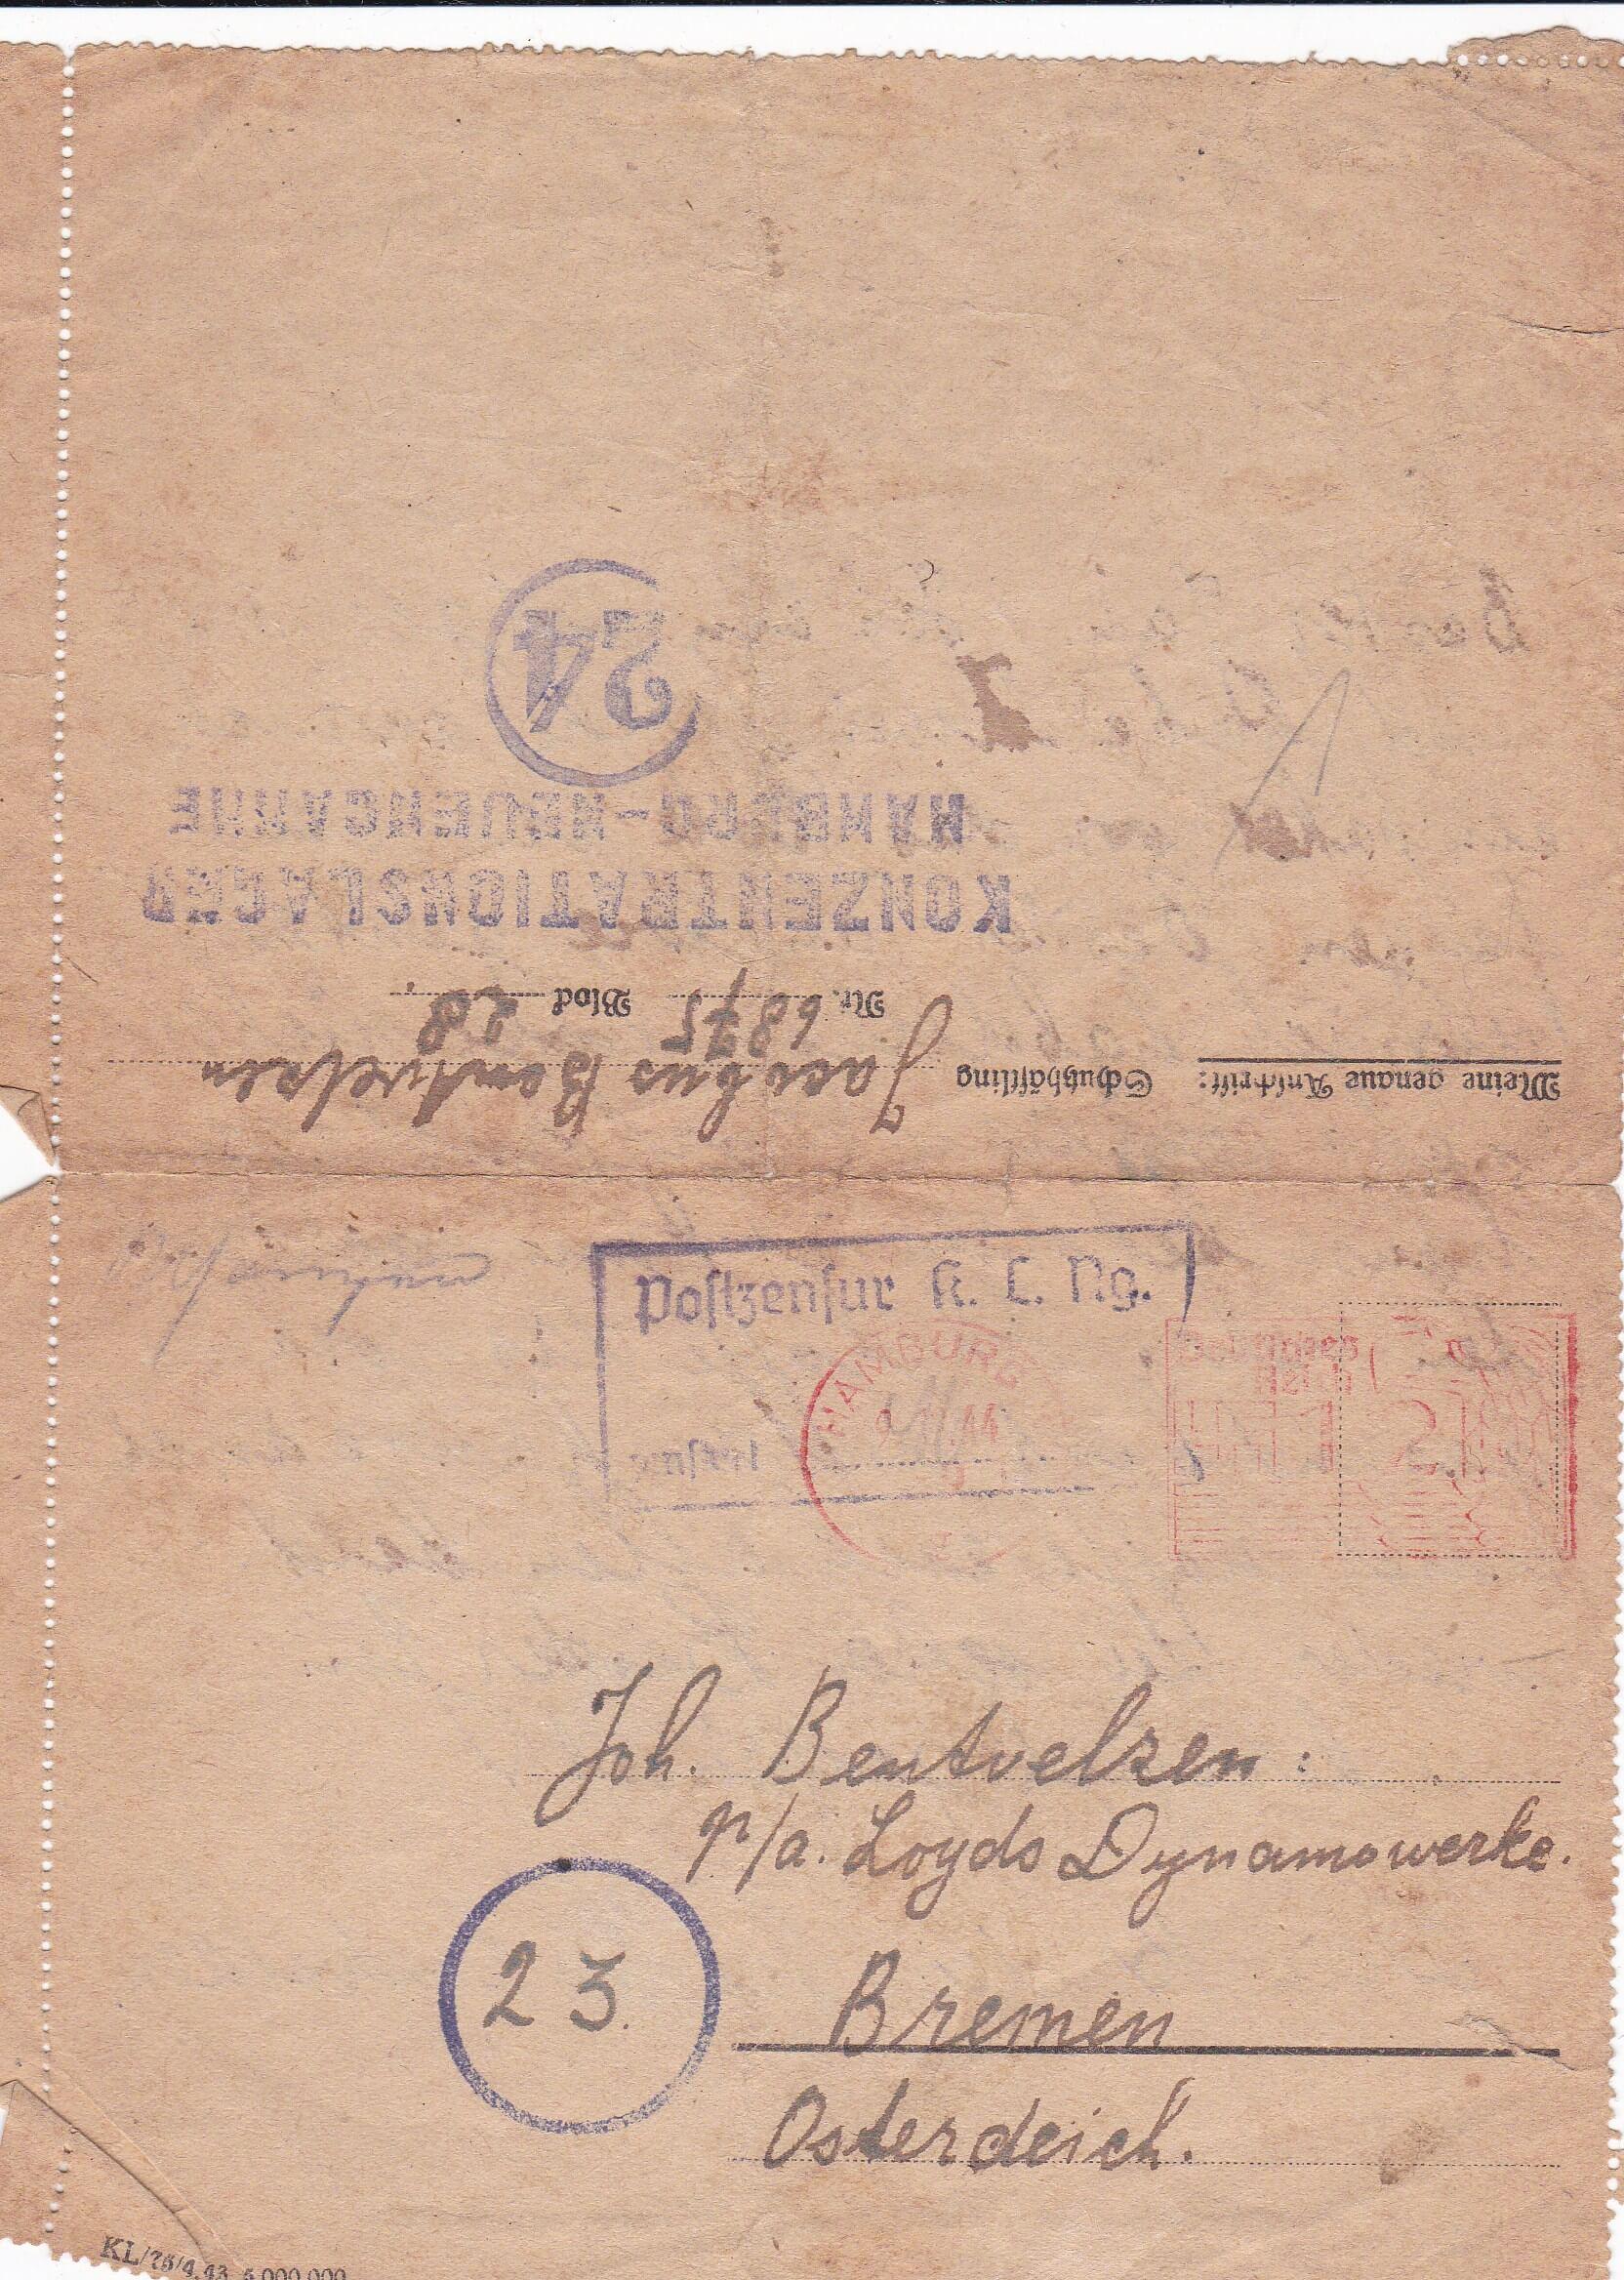 Concentratiekamp brieven Neuengamme de tweede wereldoorlog